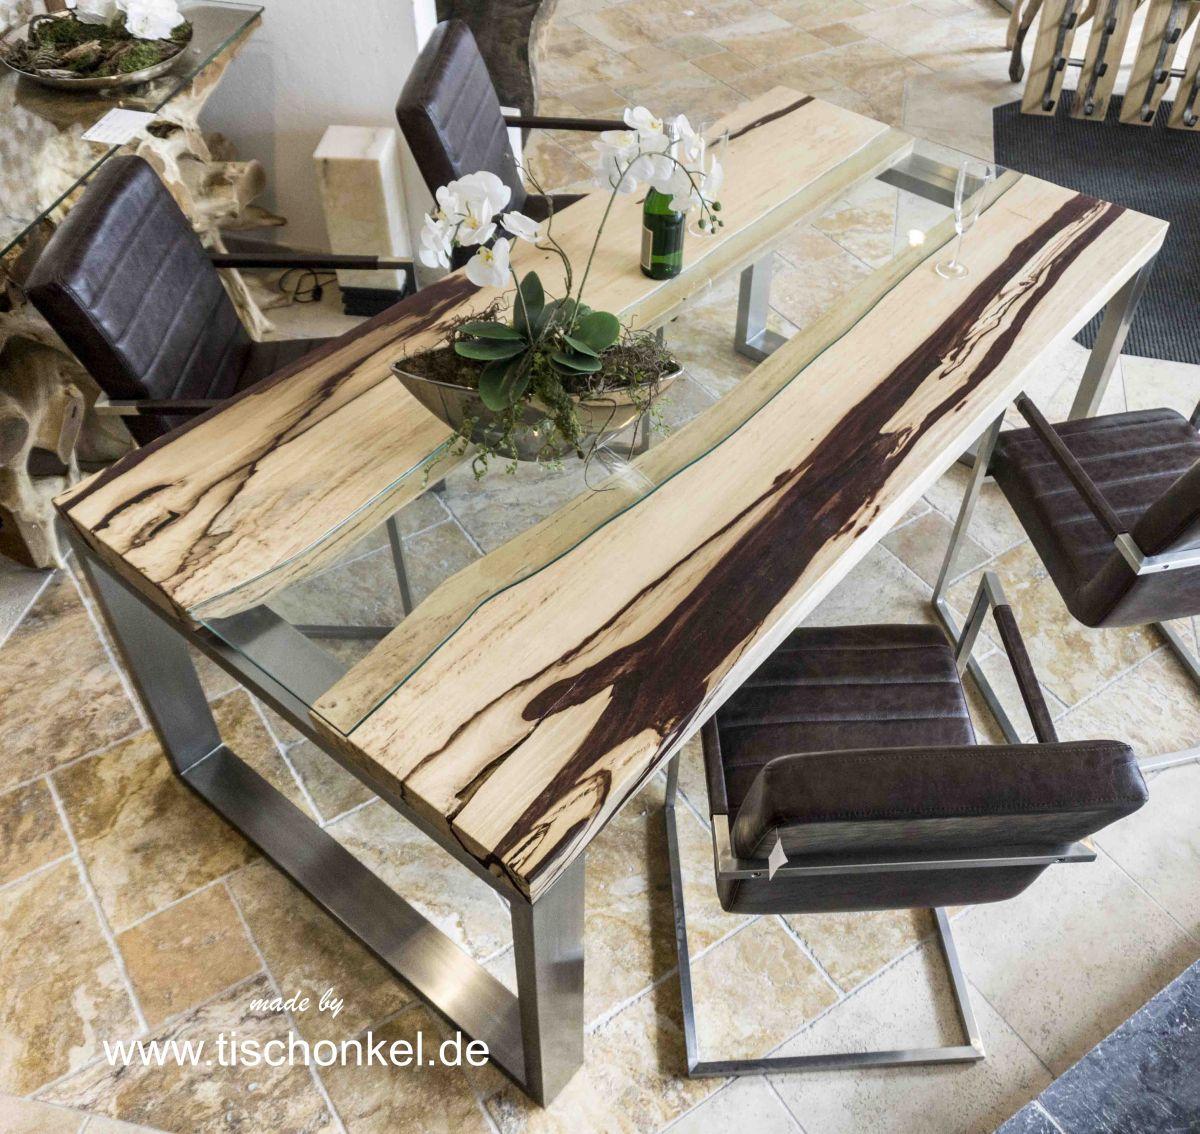 Esstisch design der tischonkel for Esstisch designer